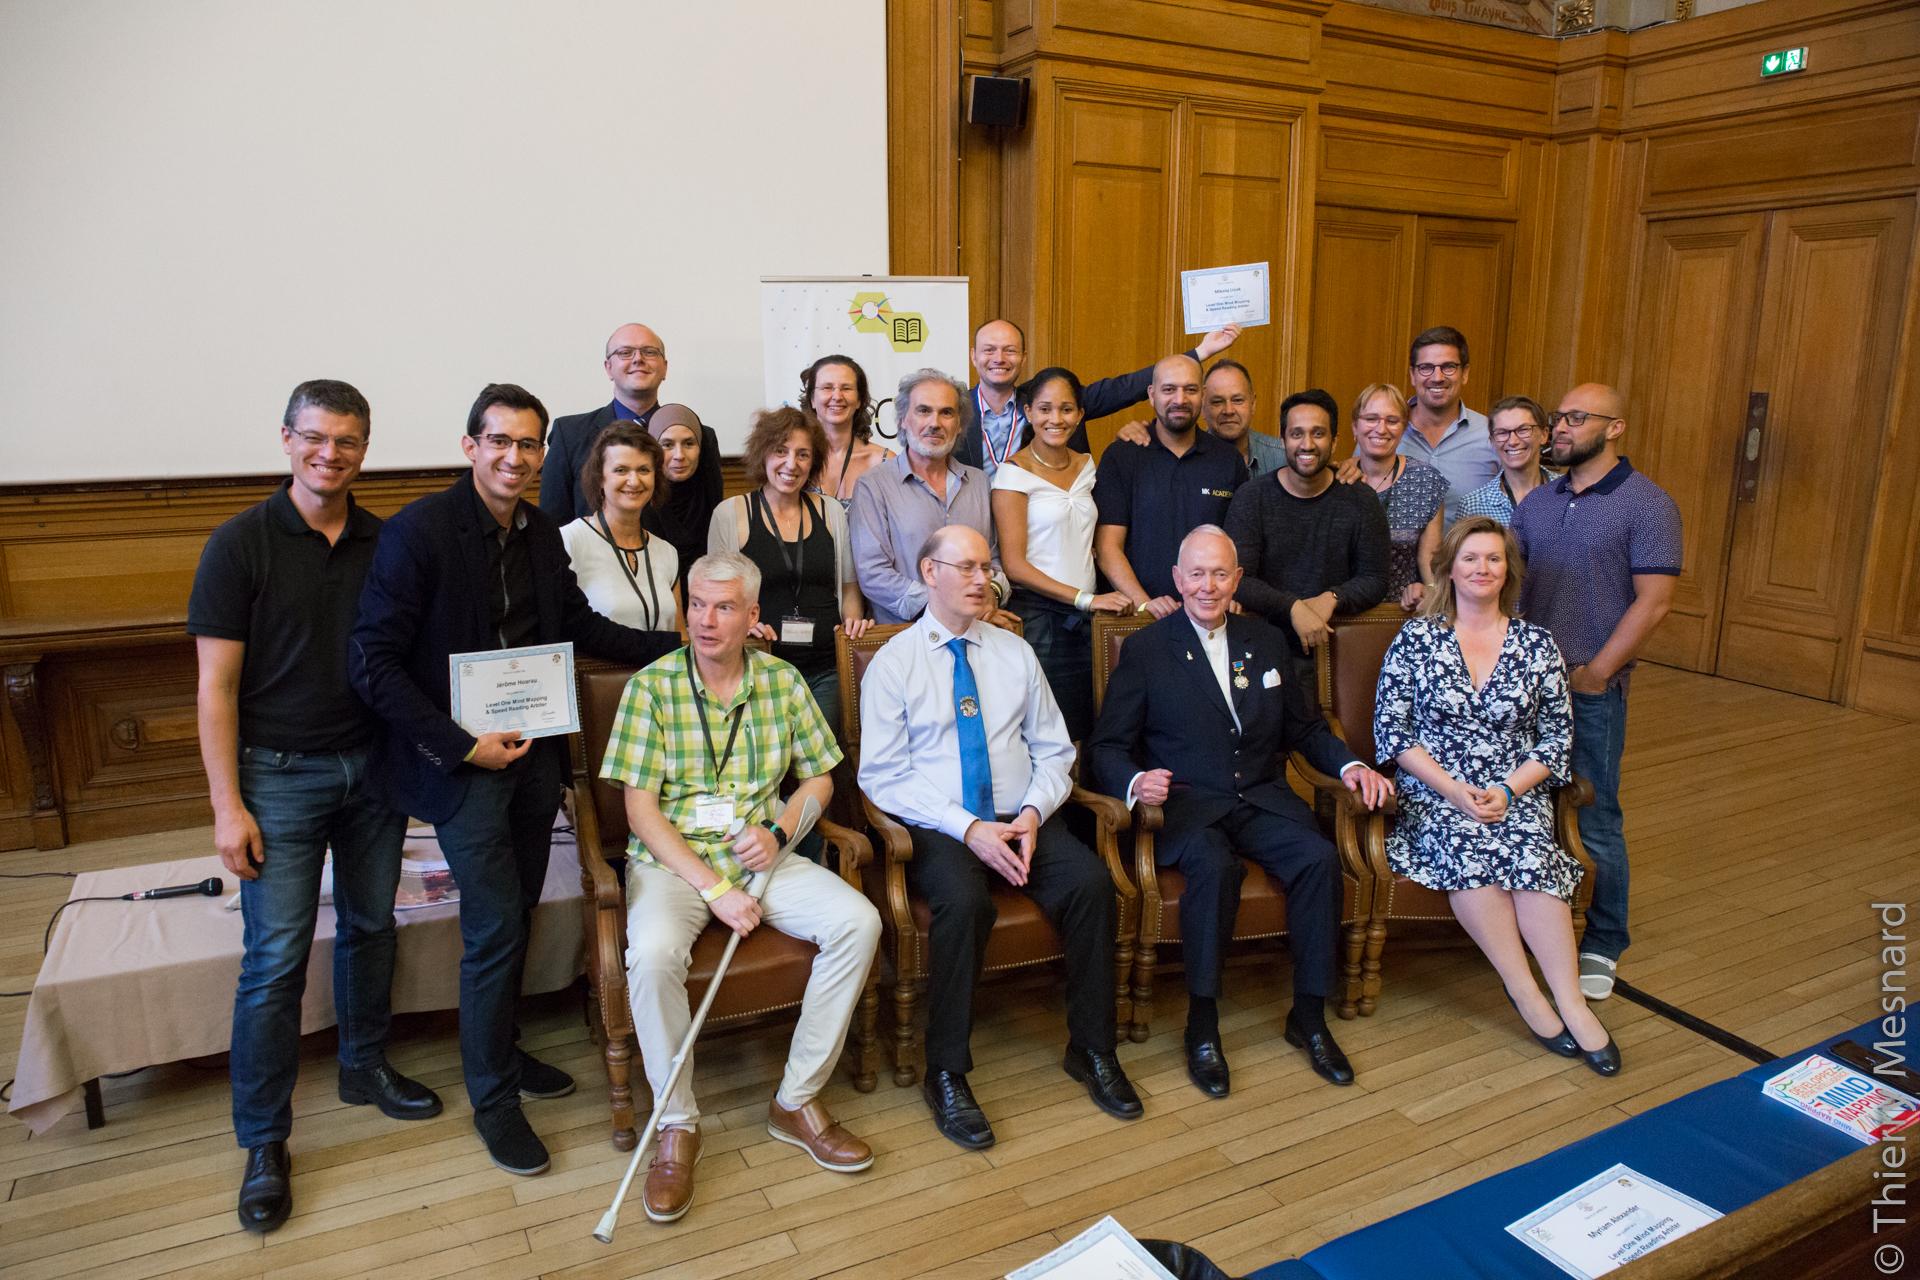 L'équipe des coachs formés et certifiés arbitres internationaux en Mind Mapping et Lecture rapide par l'équipe de Tony Buzan